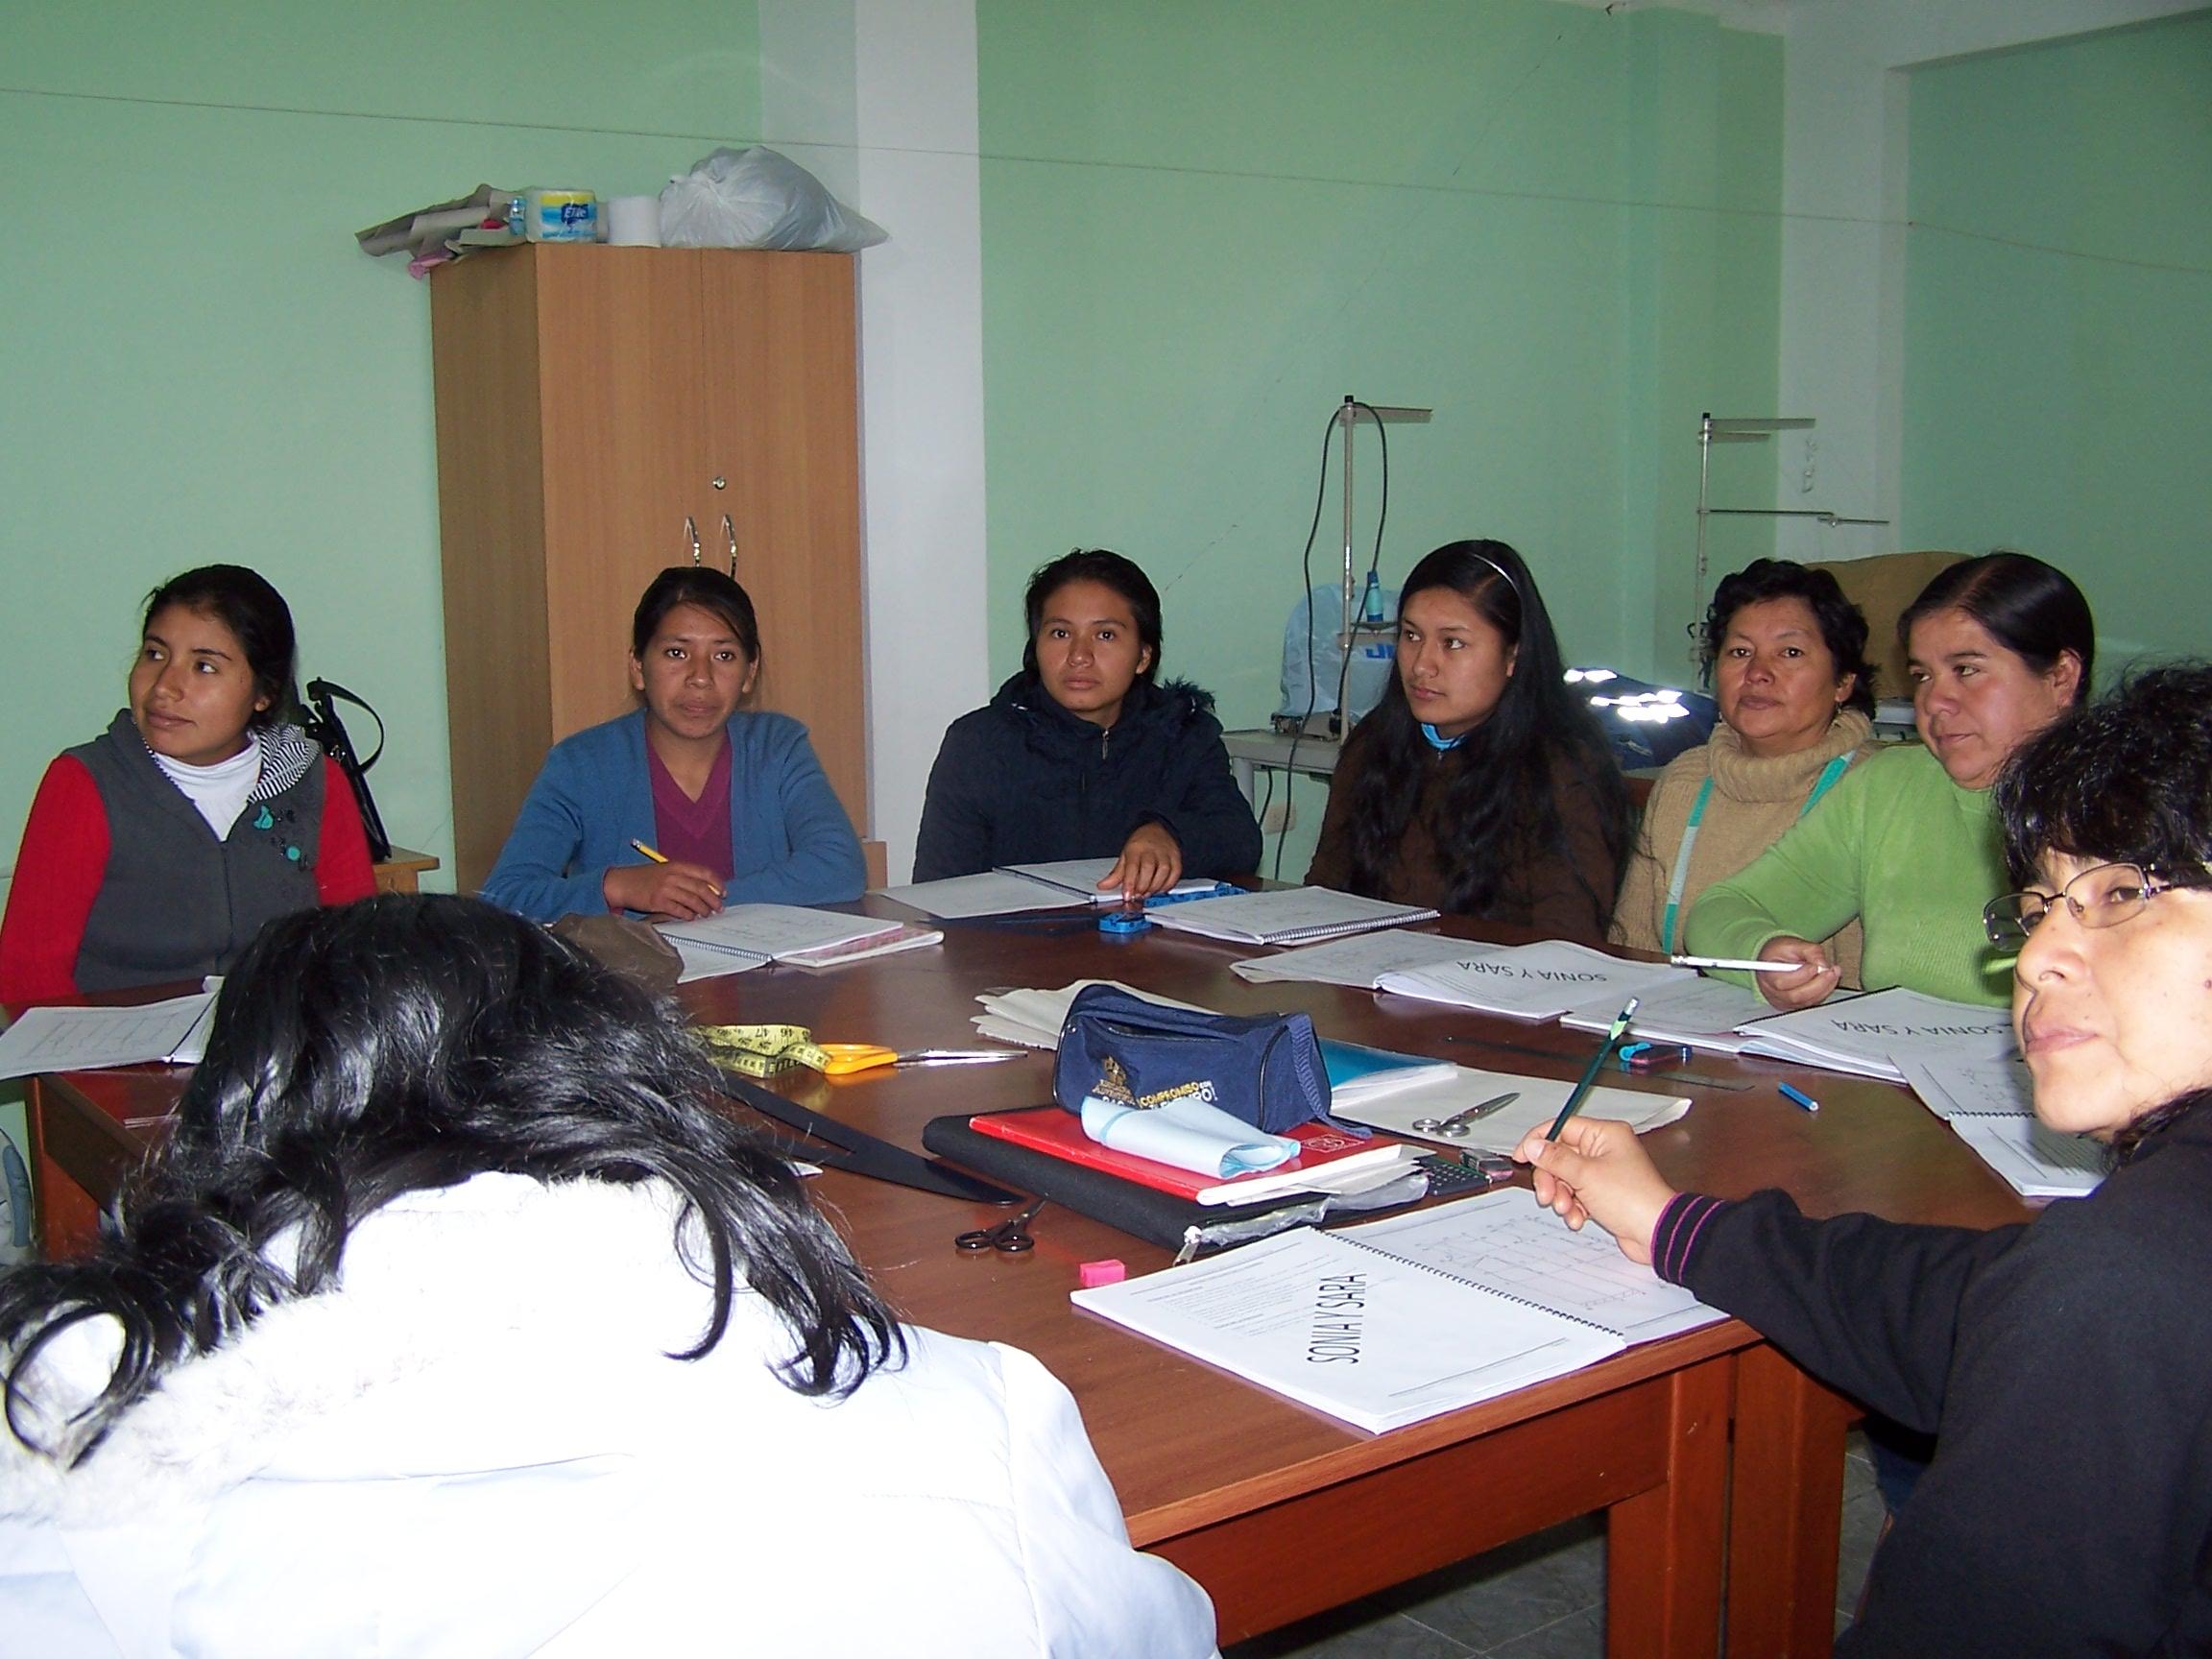 Alumnas del taller de corte y confección de Aulas Abiertas_San Esteban de Noalla